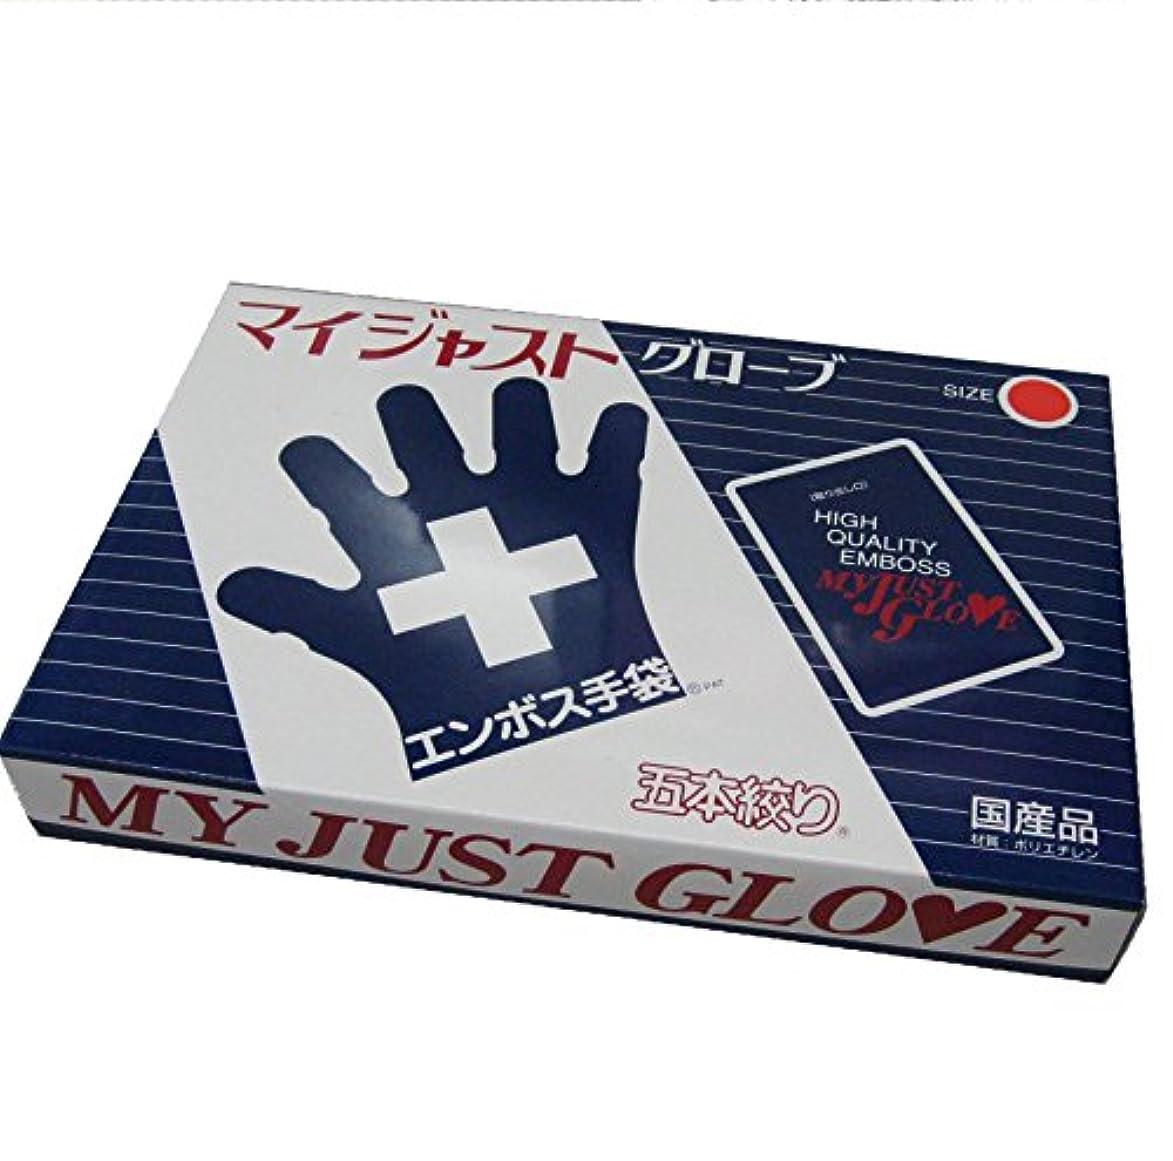 アニメーション好色な華氏エンボス手袋 マイジャストグローブ五本絞り 200枚入 Mサイズ 化粧箱